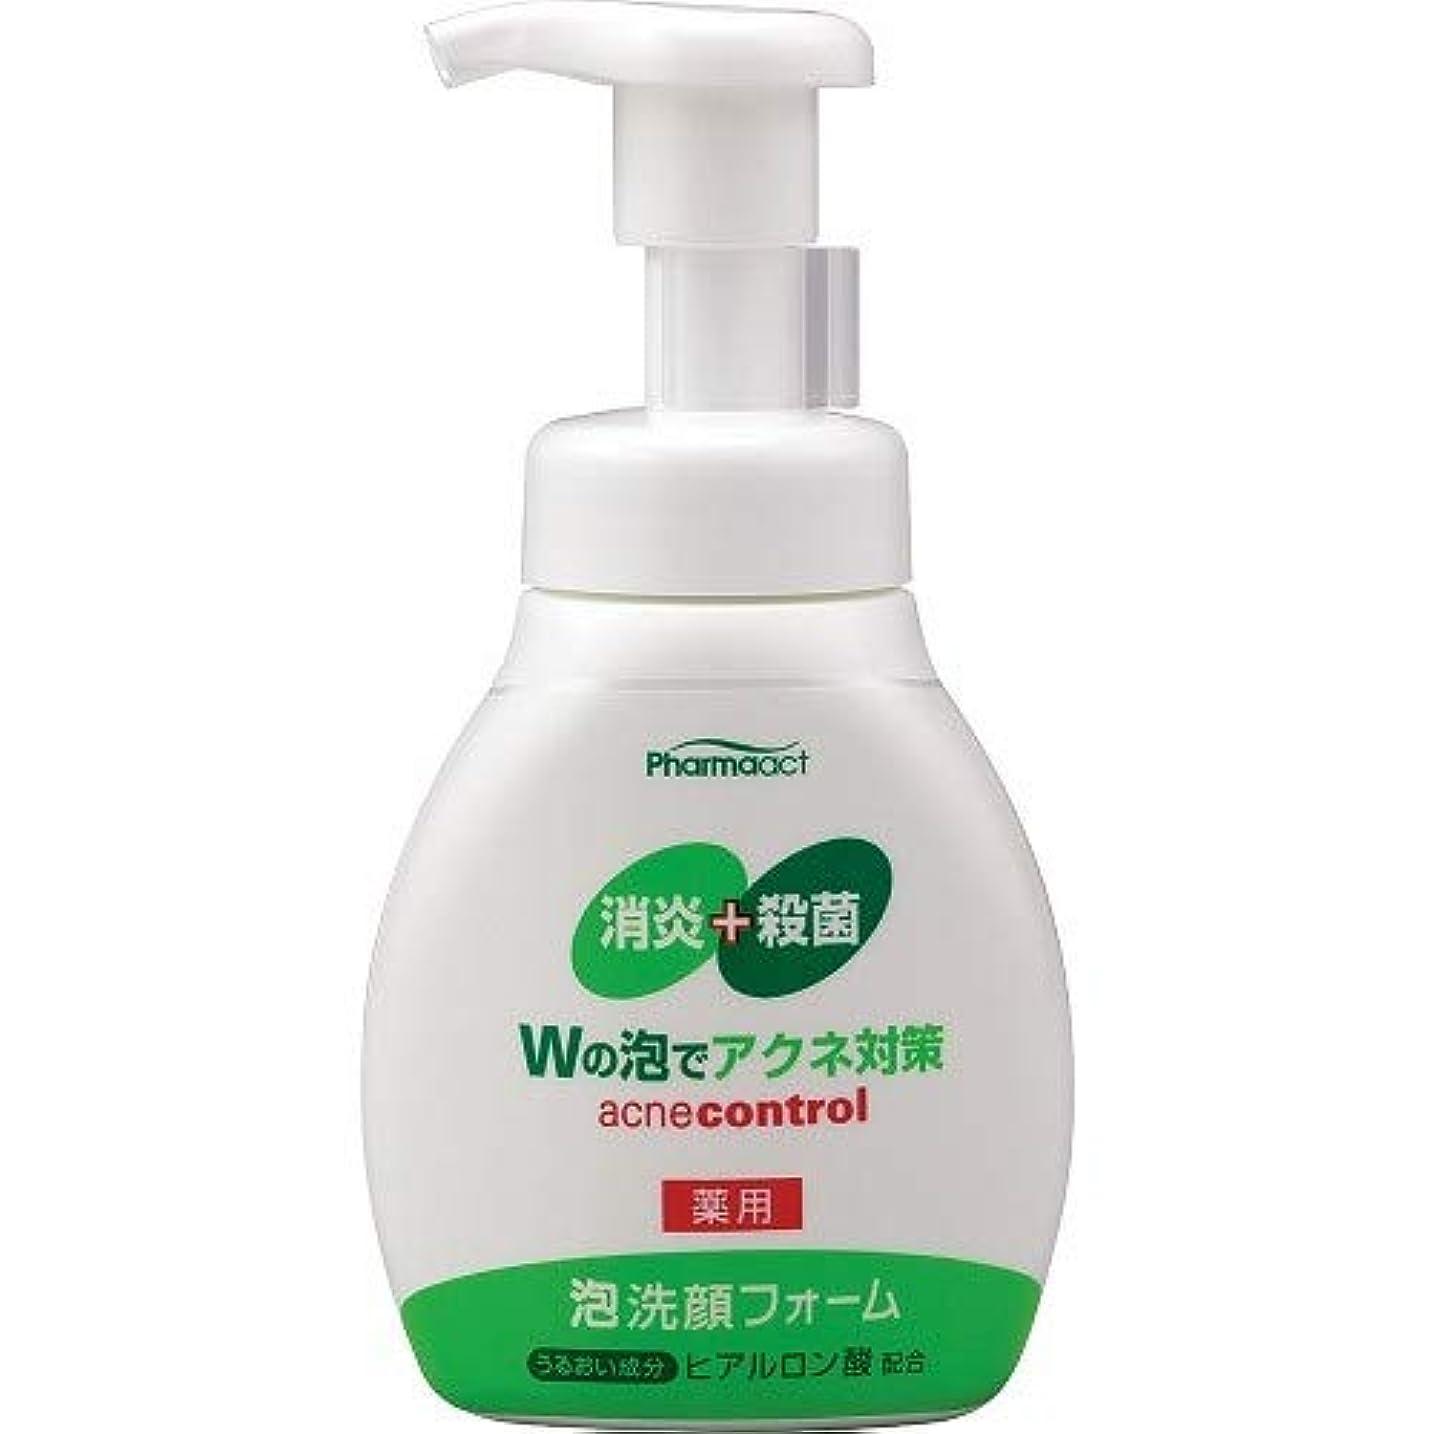 スチュワーデスレンチ高価なファーマアクト アクネ対策 薬用 泡洗顔フォーム 180ml